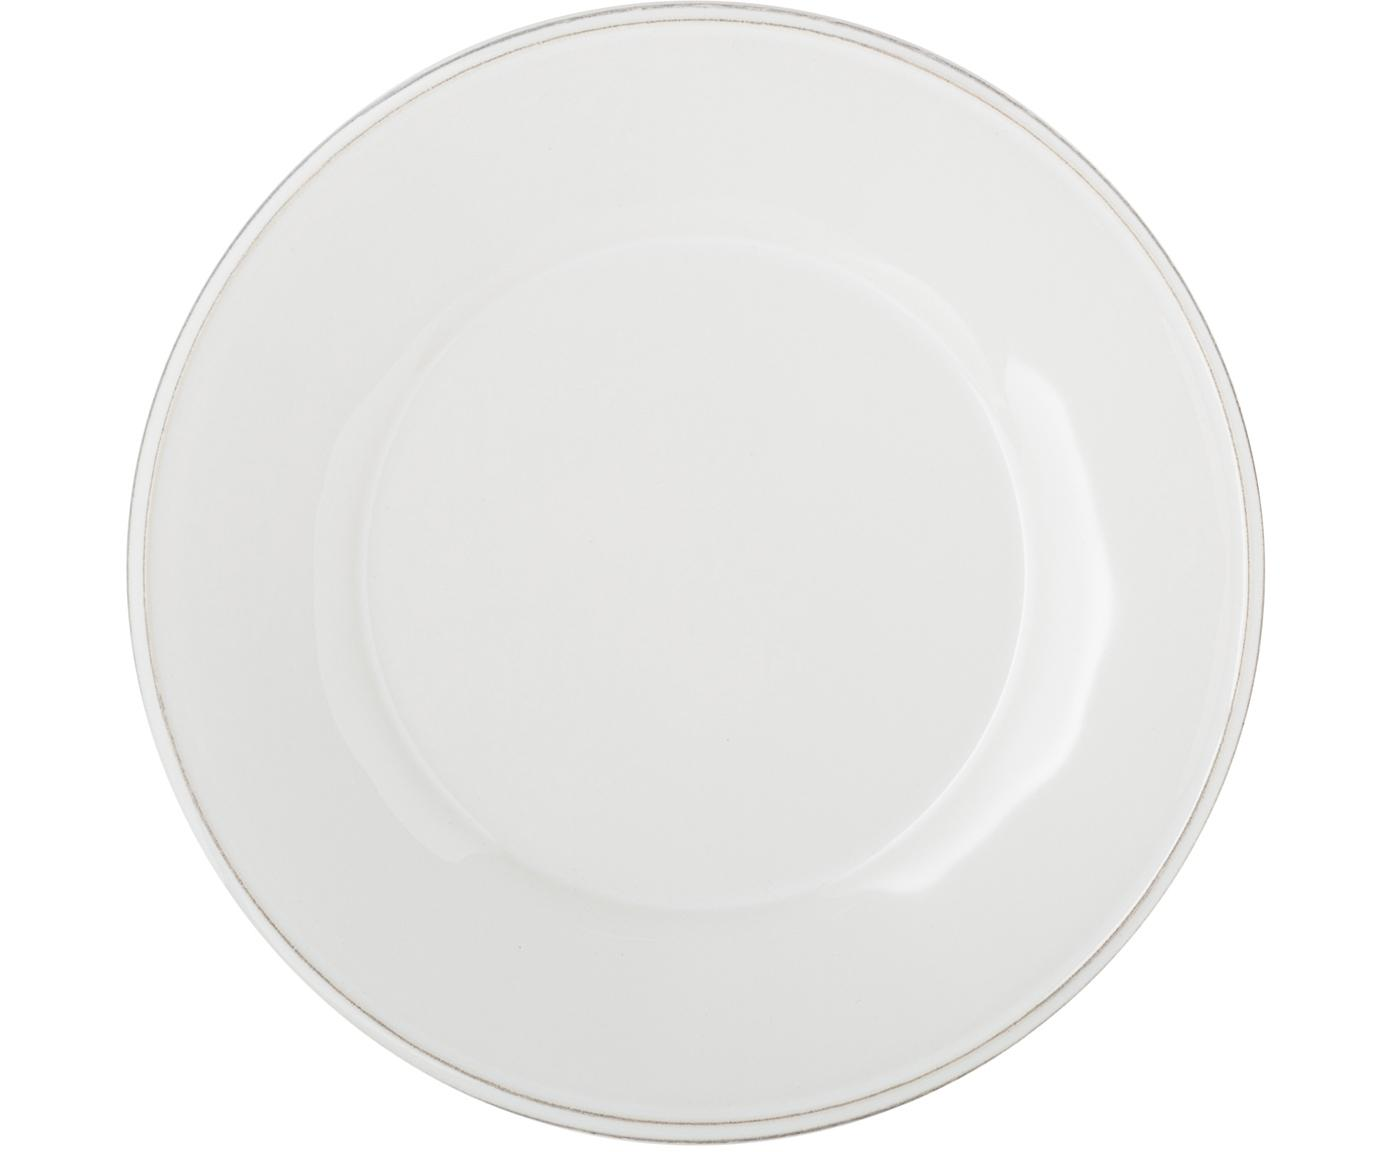 Talerz deserowy Constance, 2 szt., Ceramika, Biały, Ø 24 cm